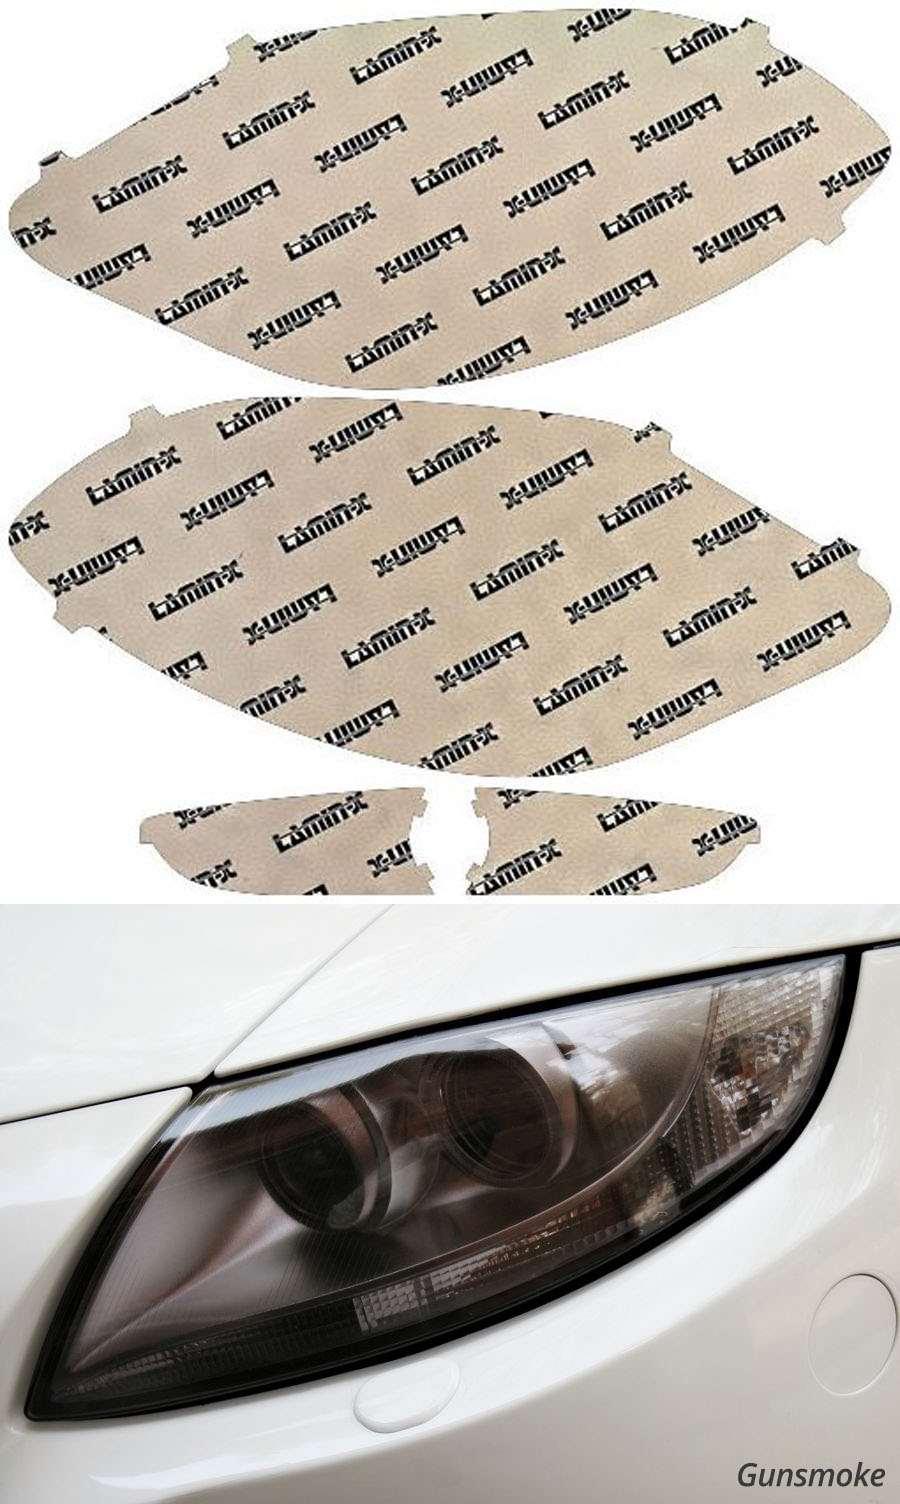 Buick Enclave 08-12 Gunsmoke Headlight Covers Lamin-X BU001G